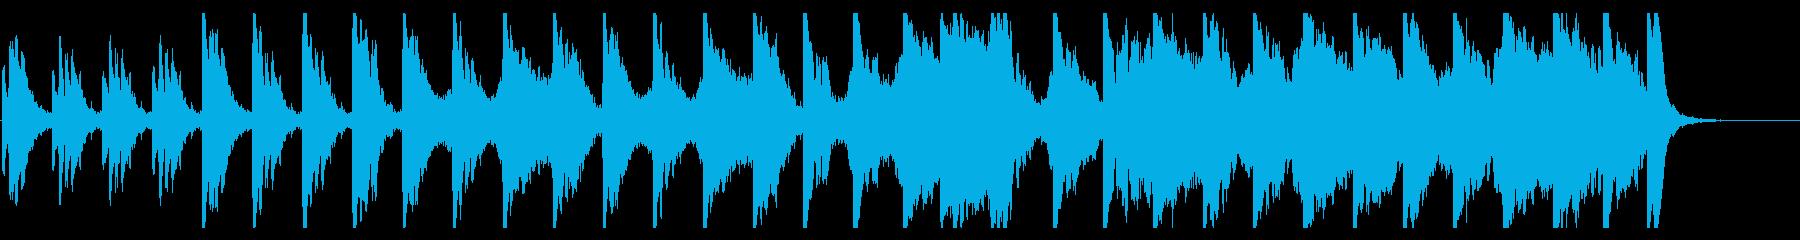 神秘的なシンセサイザーのヒーリング系楽曲の再生済みの波形